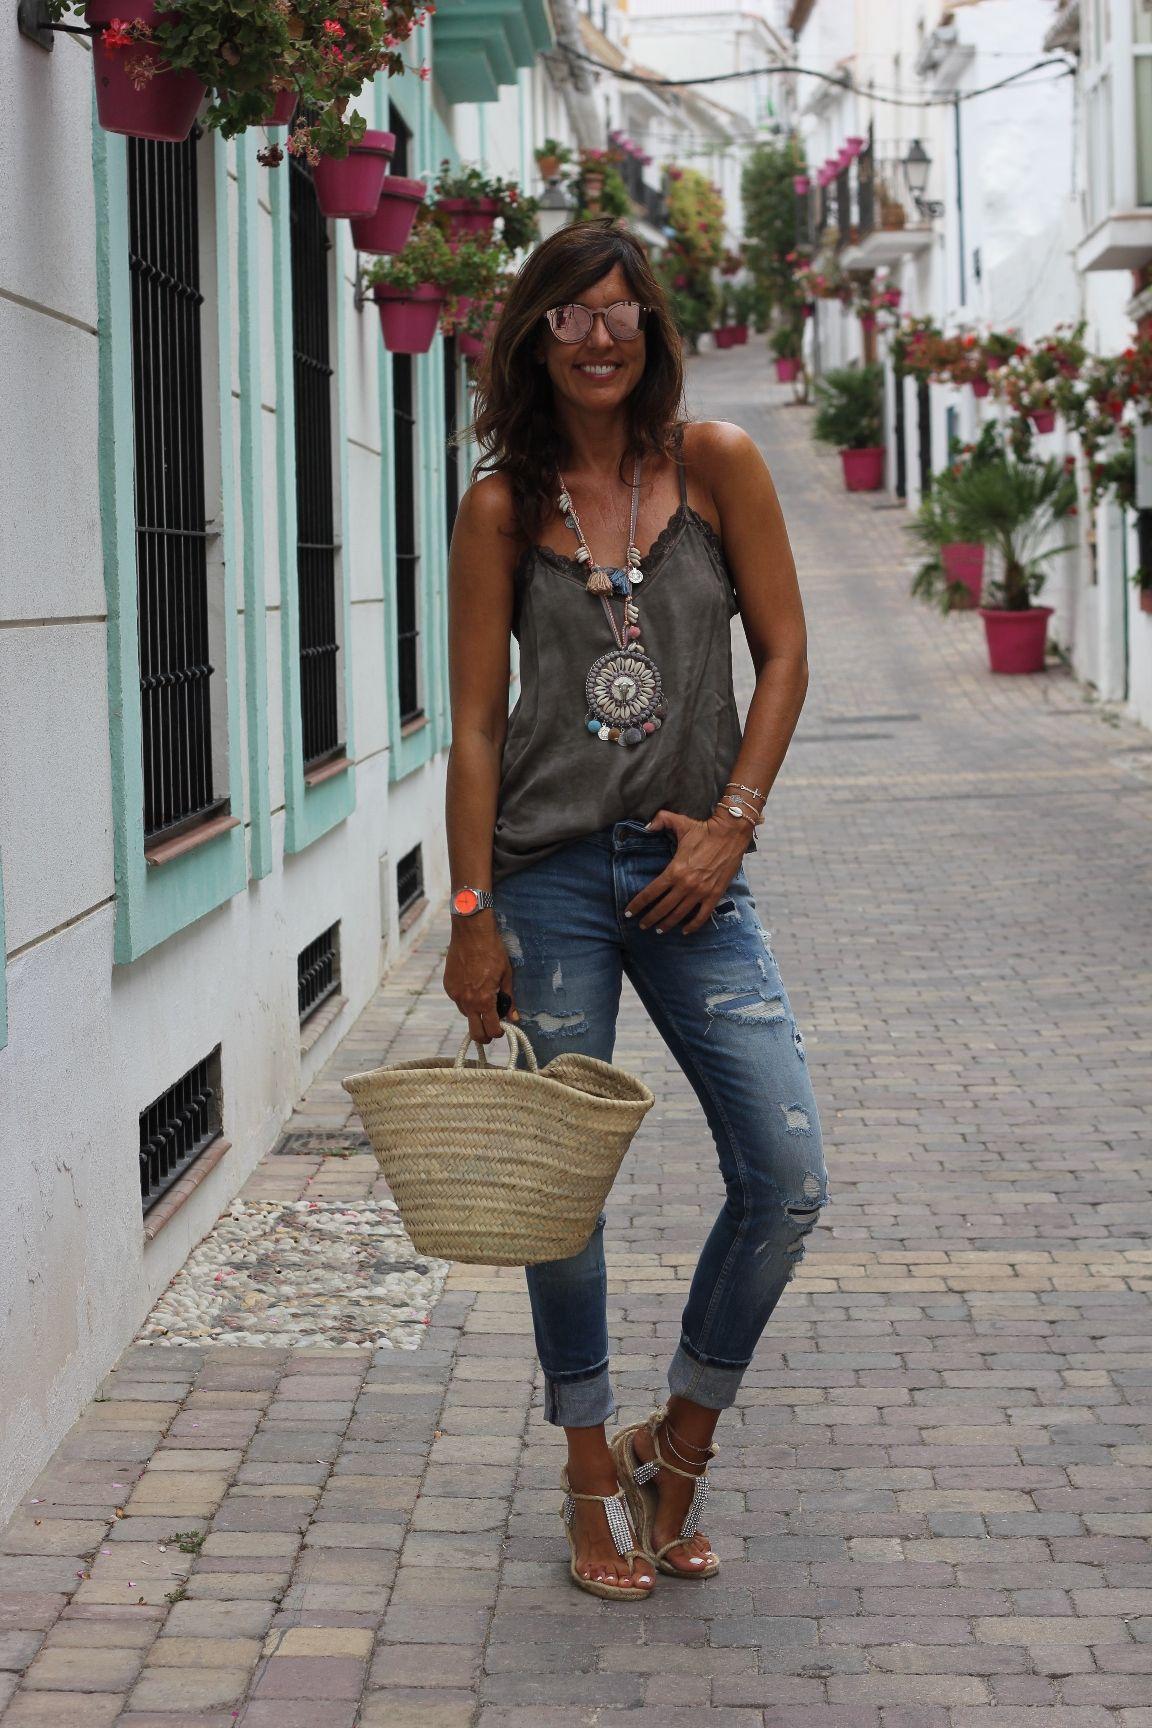 2be867992cc0 mytenida streetstyle: lingerie | Boho Chic | Boho fashion, Fashion ...